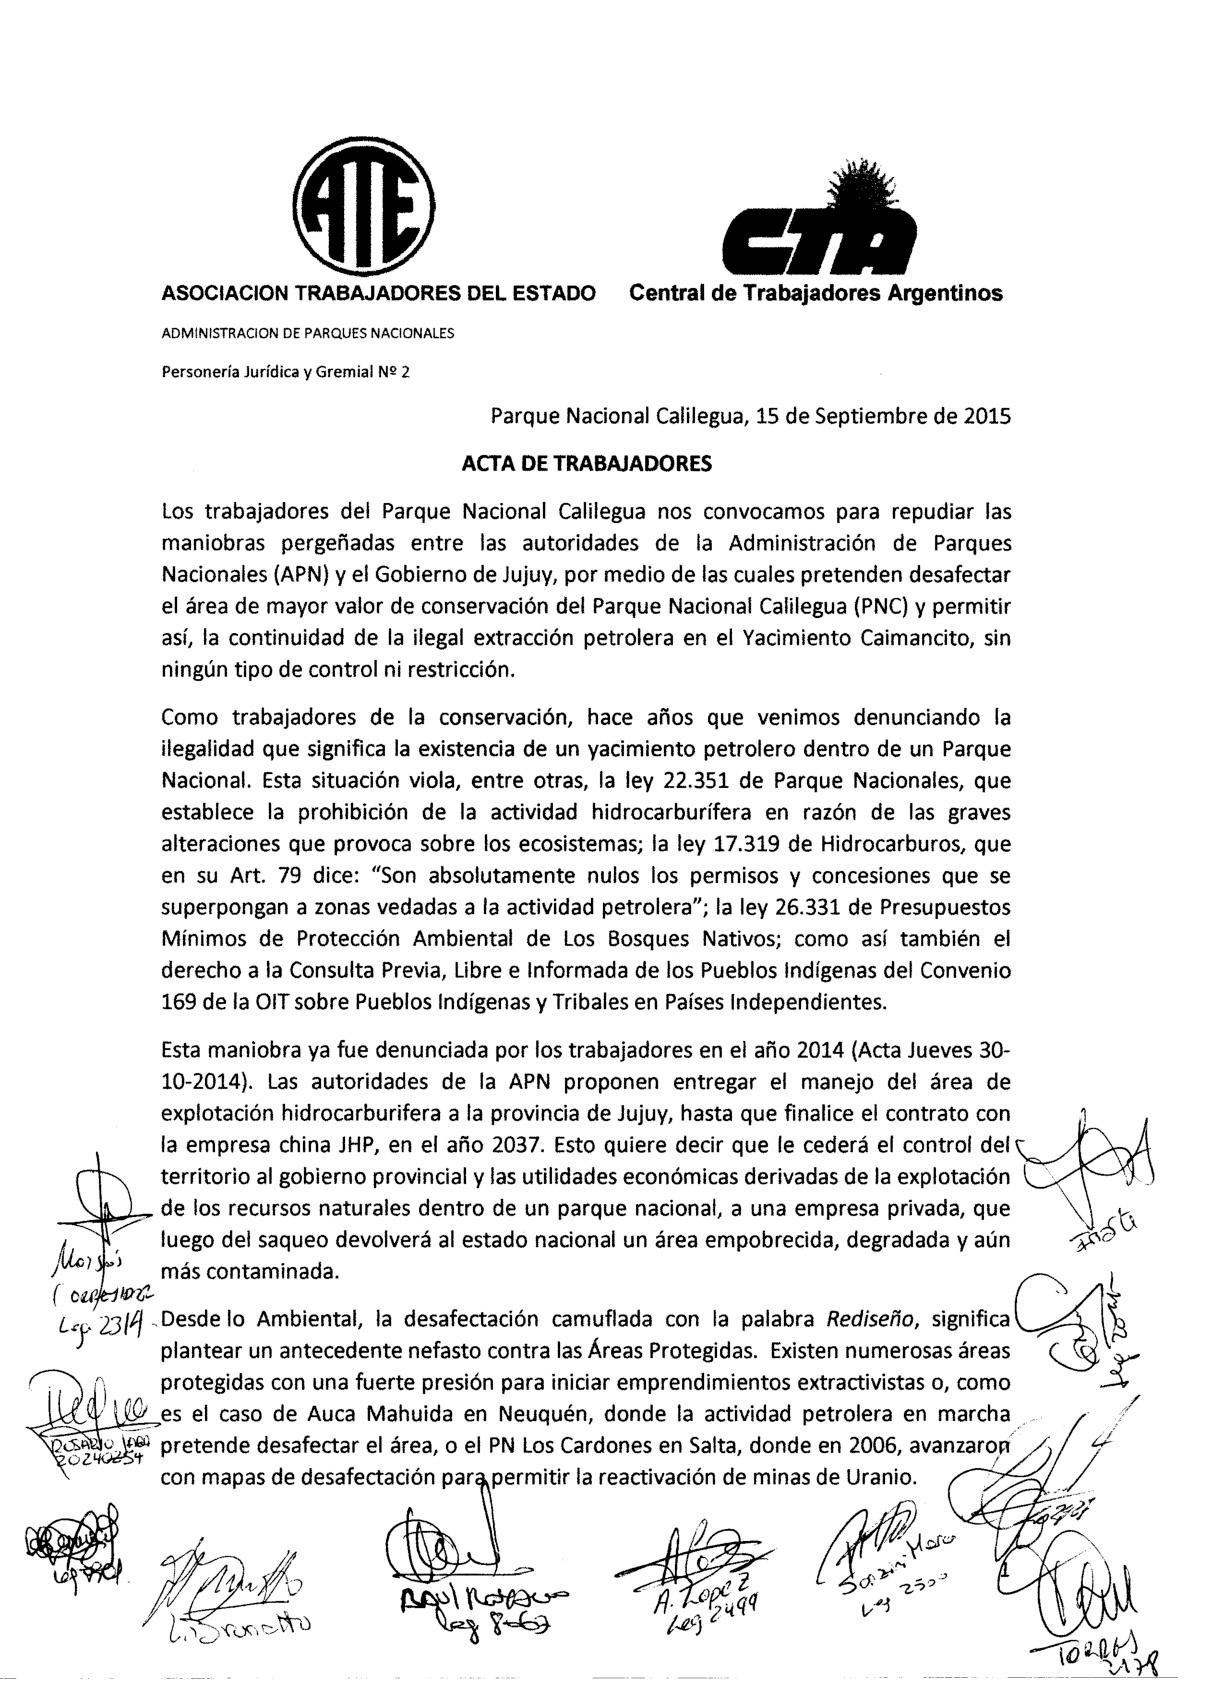 Acta-ATE-PNC-15-09-15-(1)-001